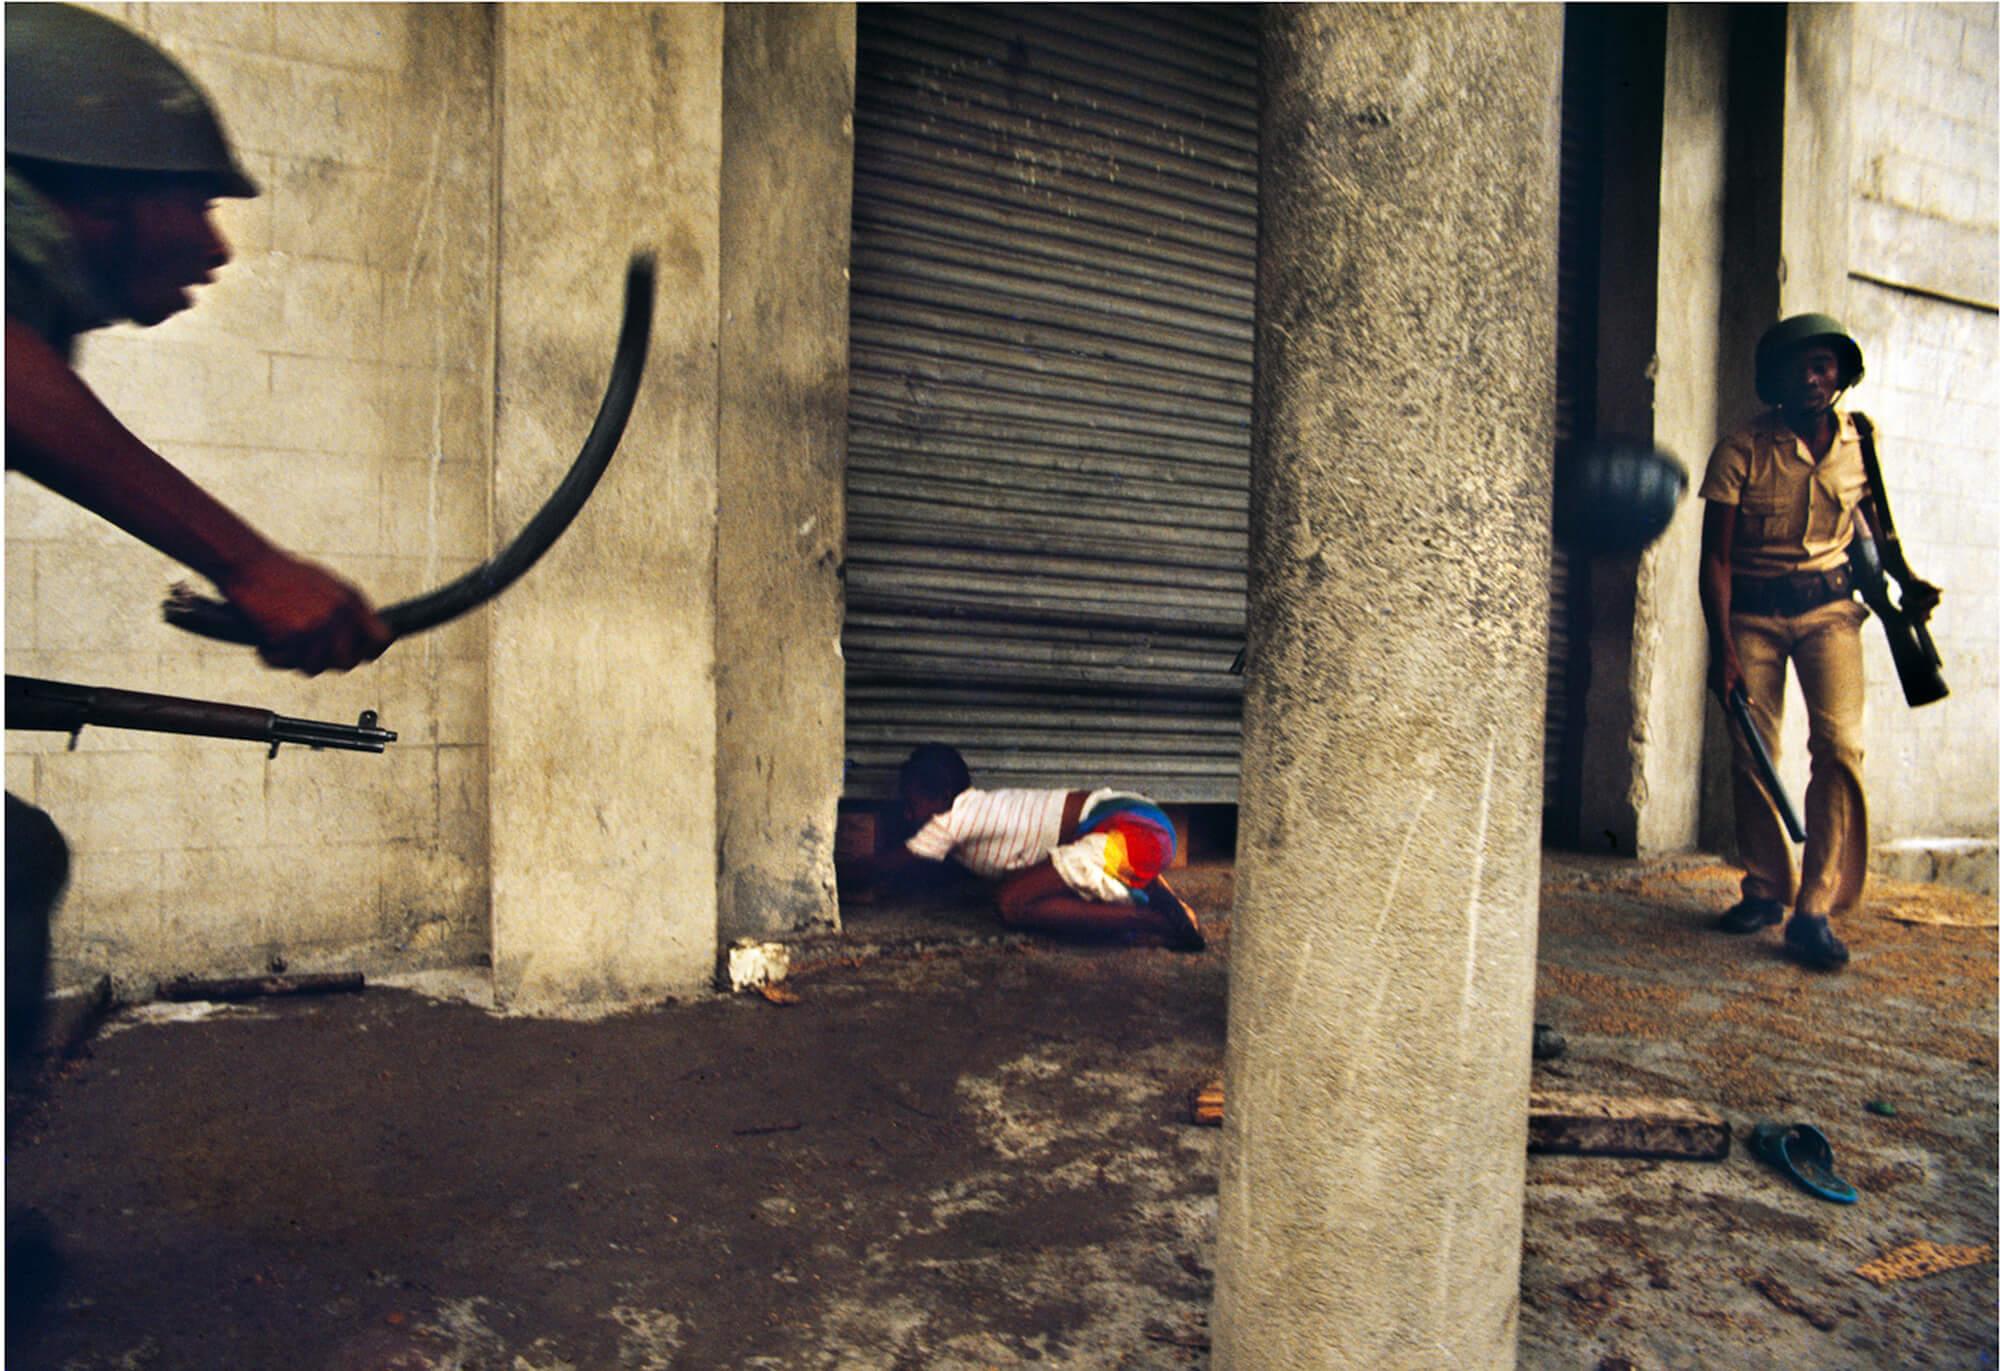 Steber_Haiti_HUNGER-OVERCOMES-FEAR